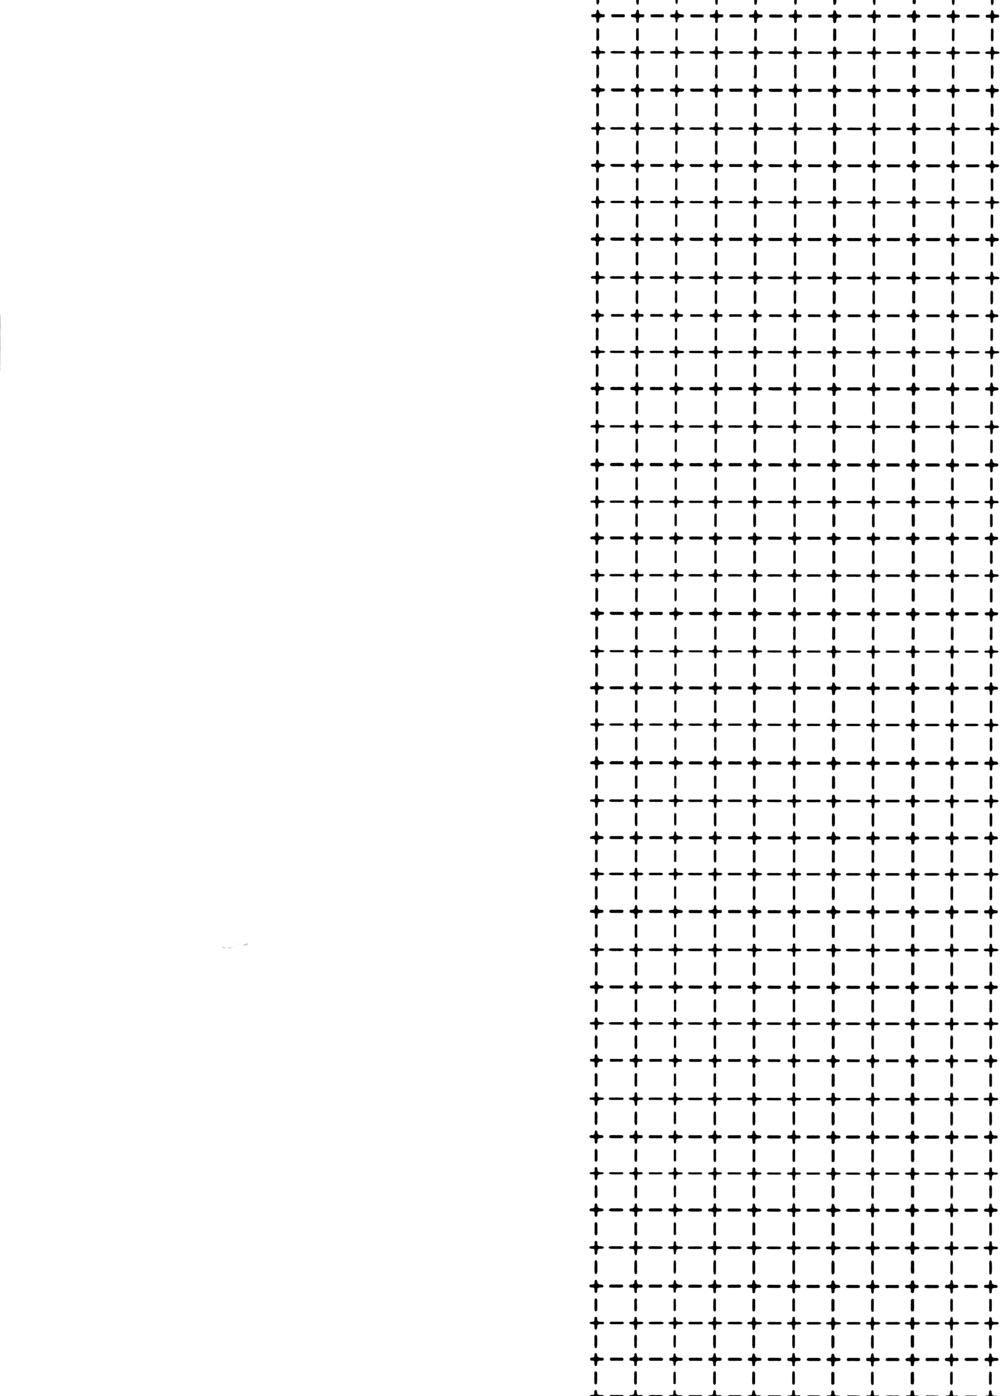 [Dictionary] O-souji Eren-kun to Levi-san (Shingeki no Kyojin) [English] (Moy Moe Scanlations) 1